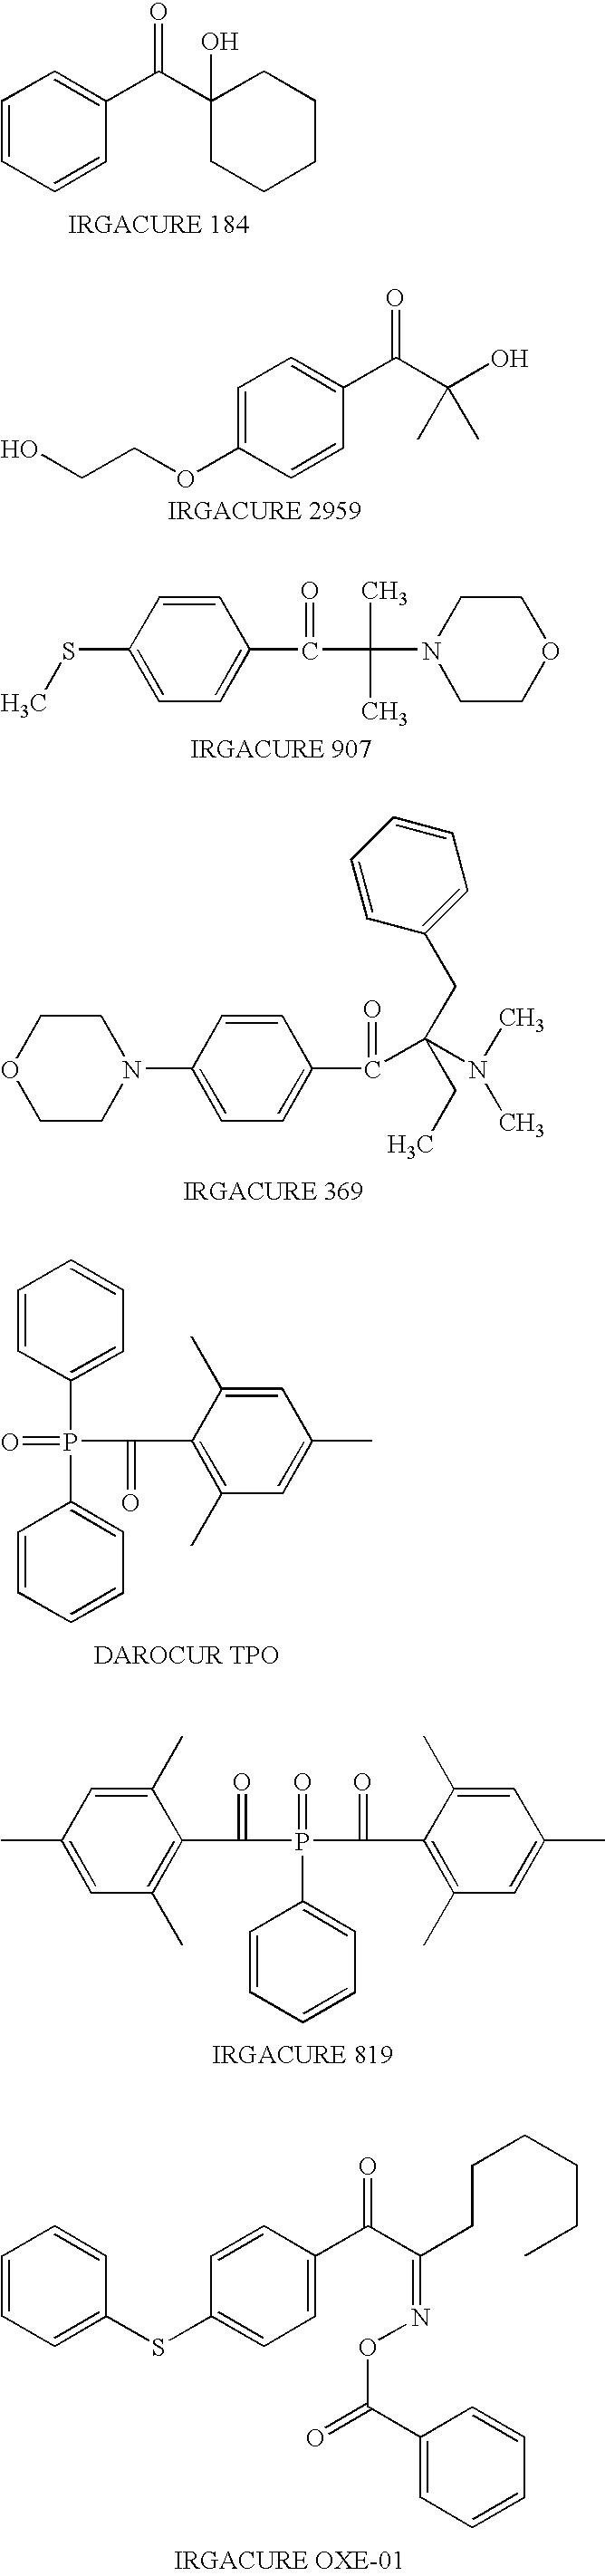 Figure US20080180503A1-20080731-C00027